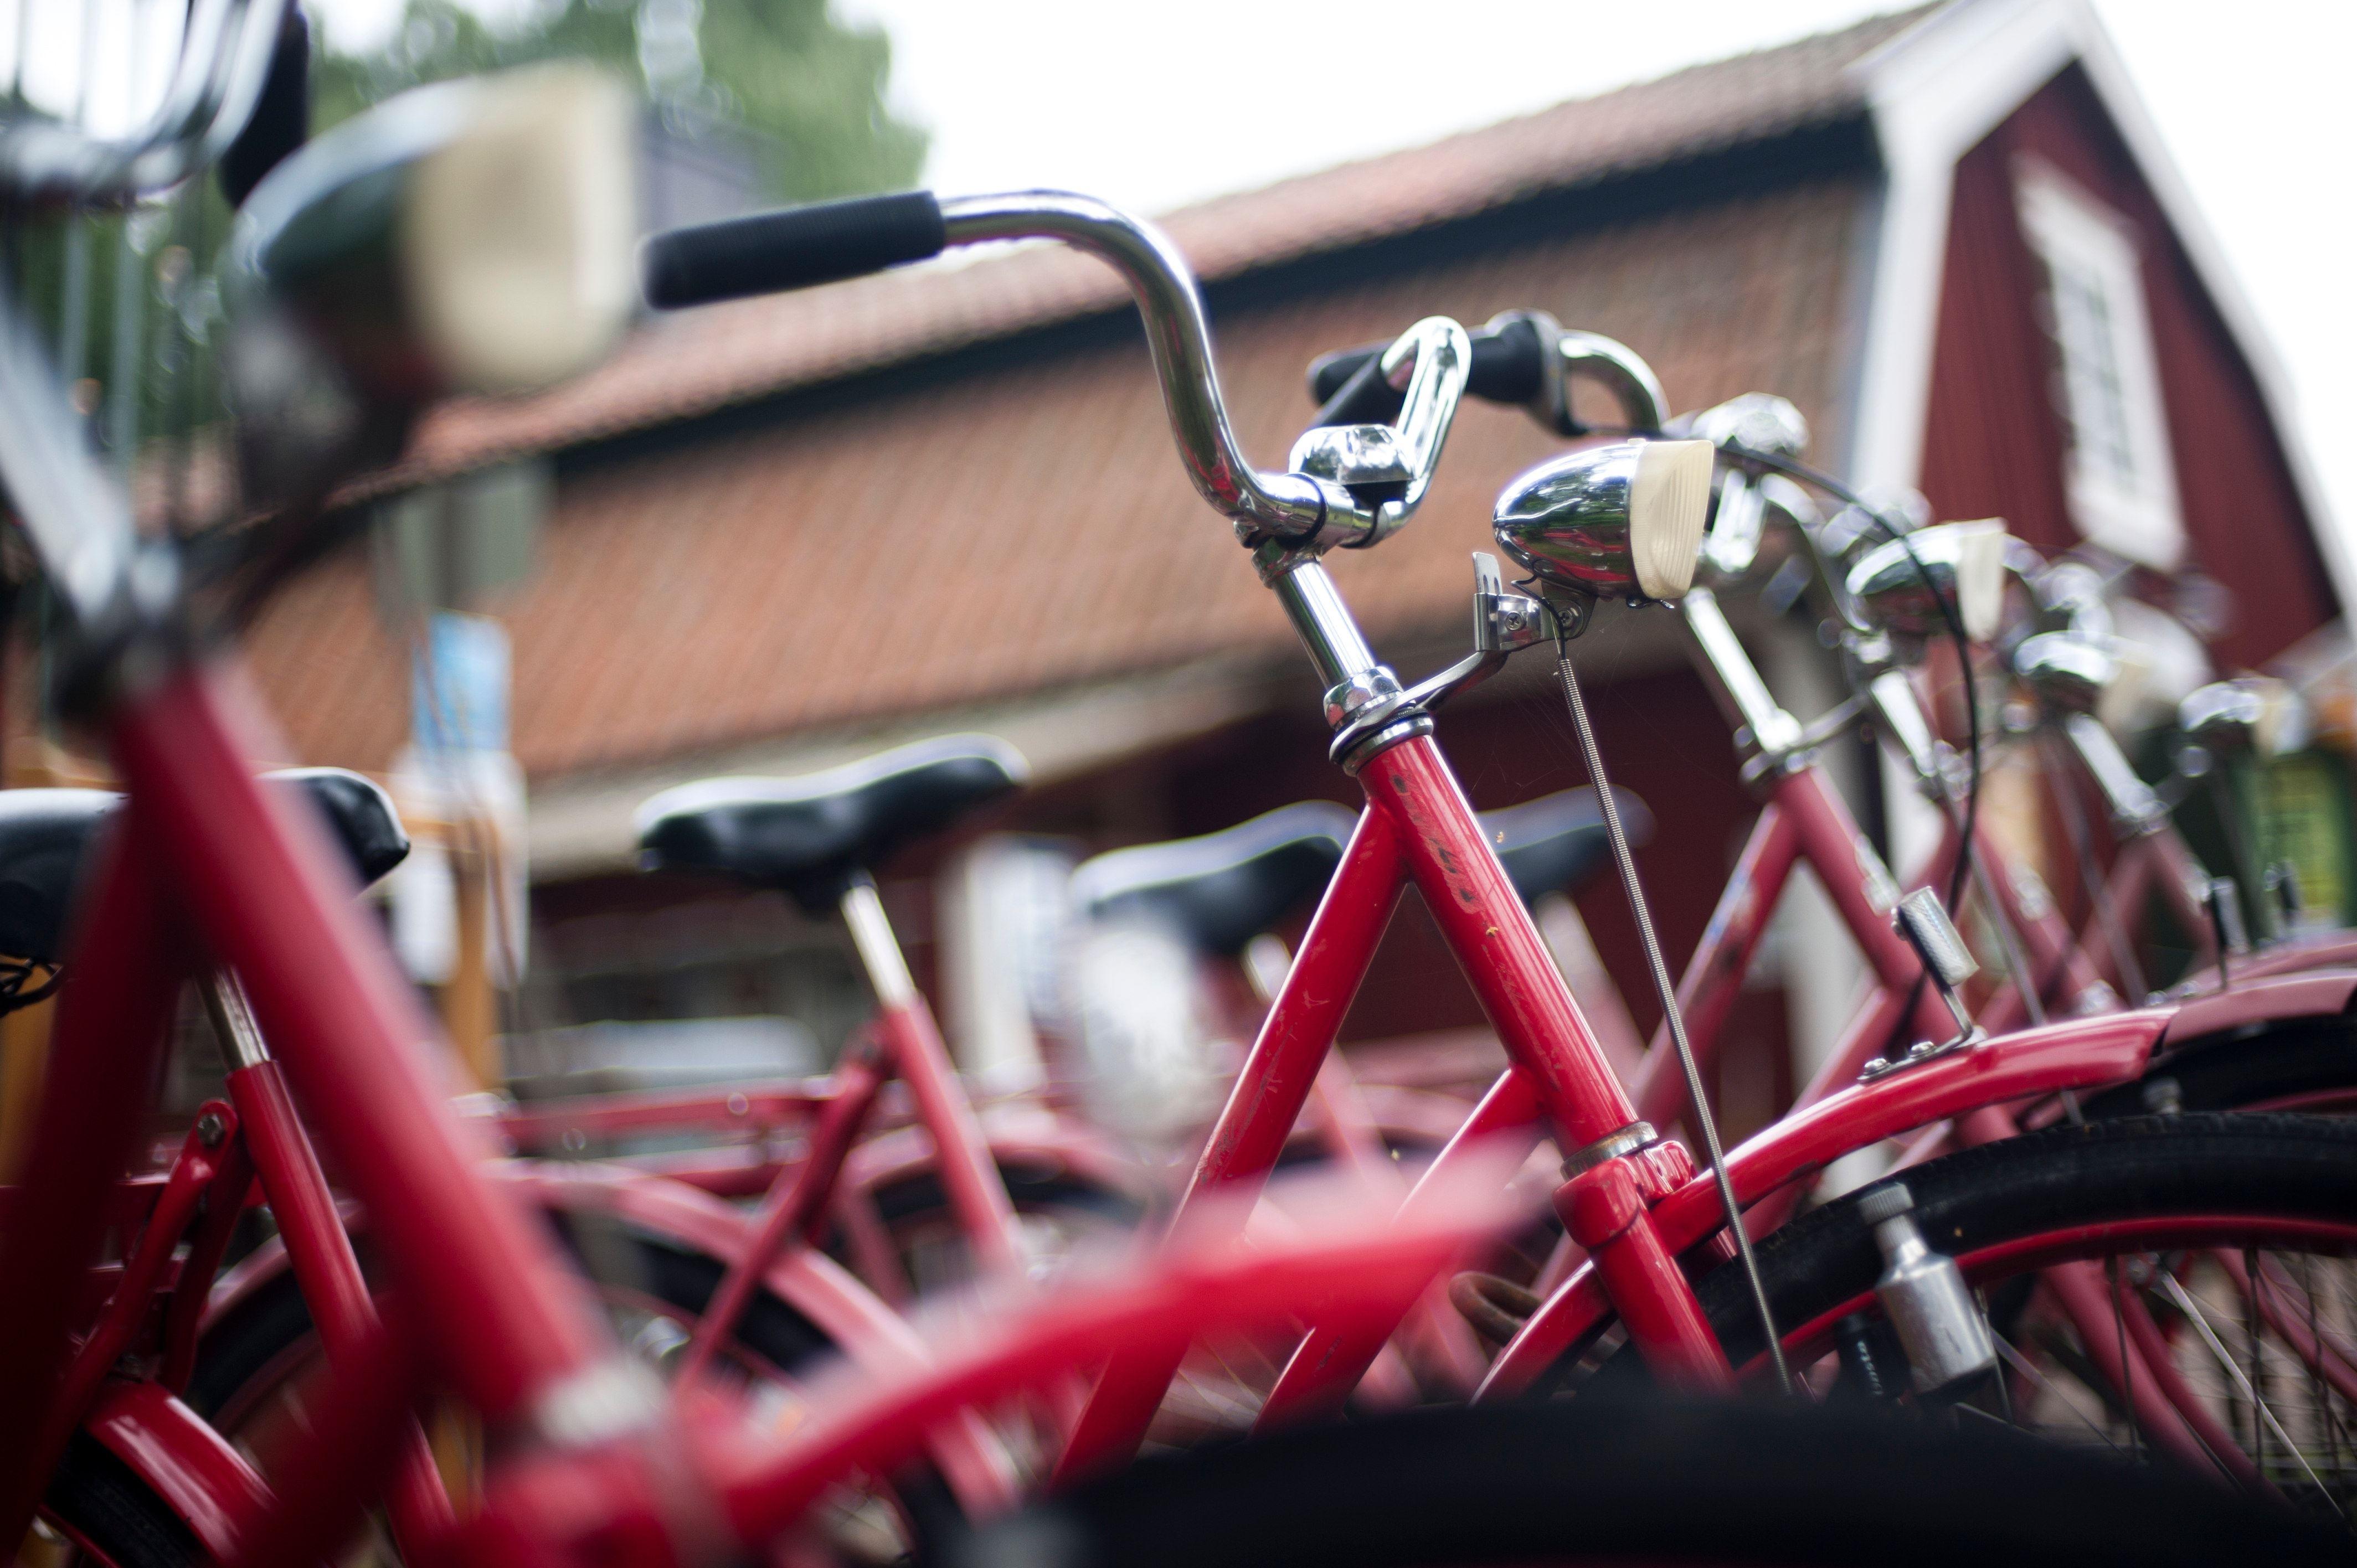 Alexander Mahmoud,  © Tingsryd Kommun, Bike rental Urshult's Camping